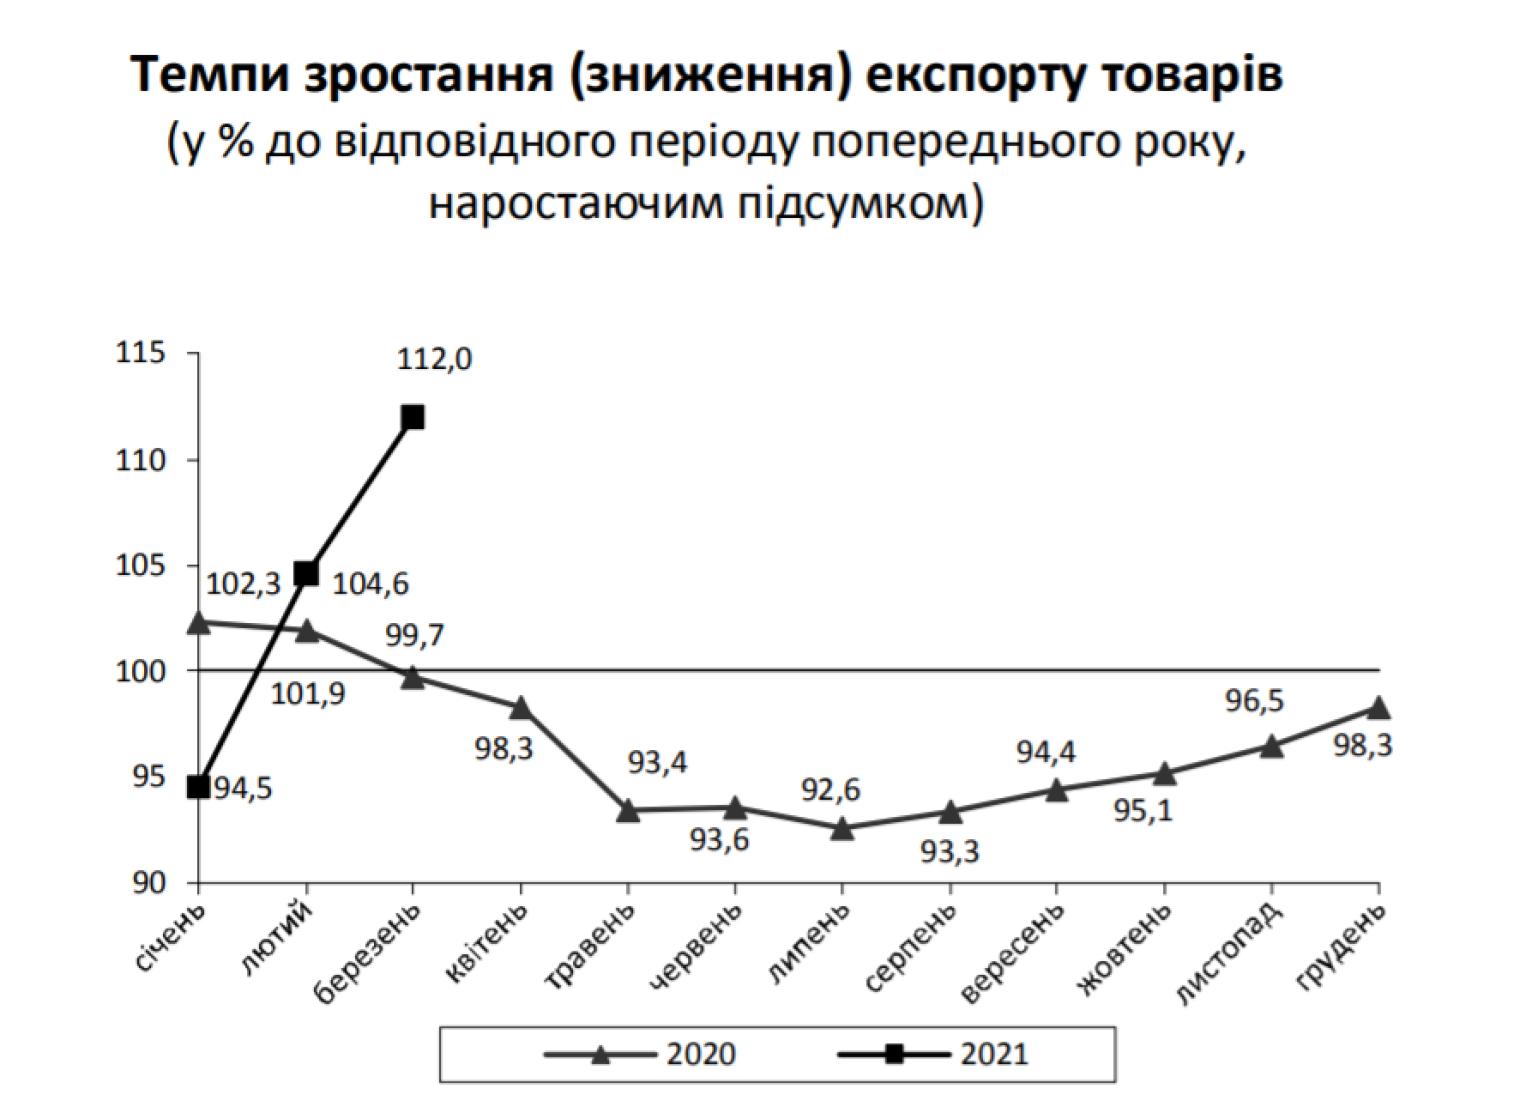 Темпы роста экспорта товаров, % к аналогичному периоду прошлого года